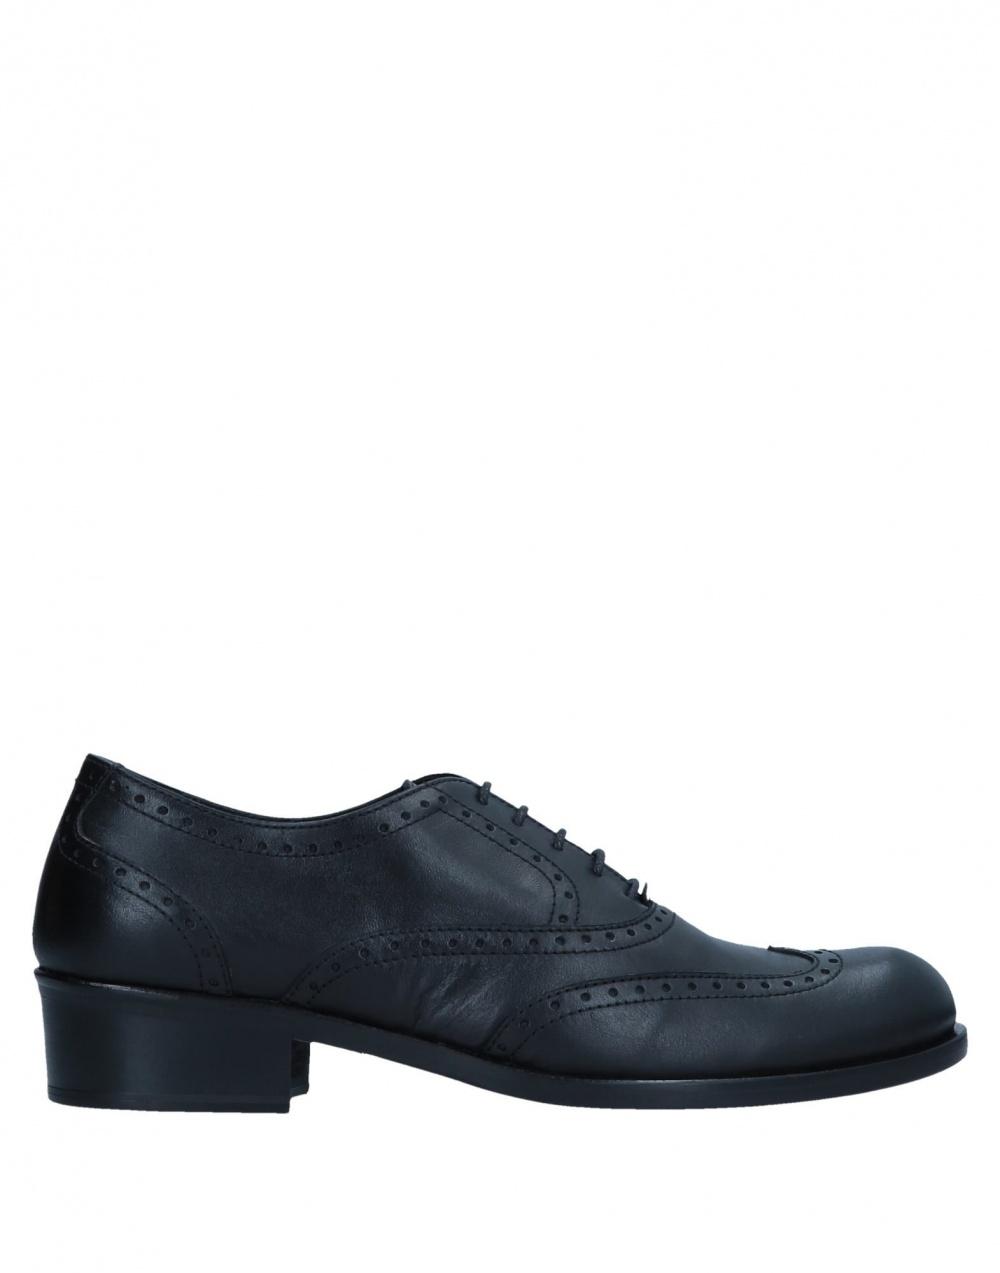 Туфли Gianfranco Lattanzi, размер 41-42